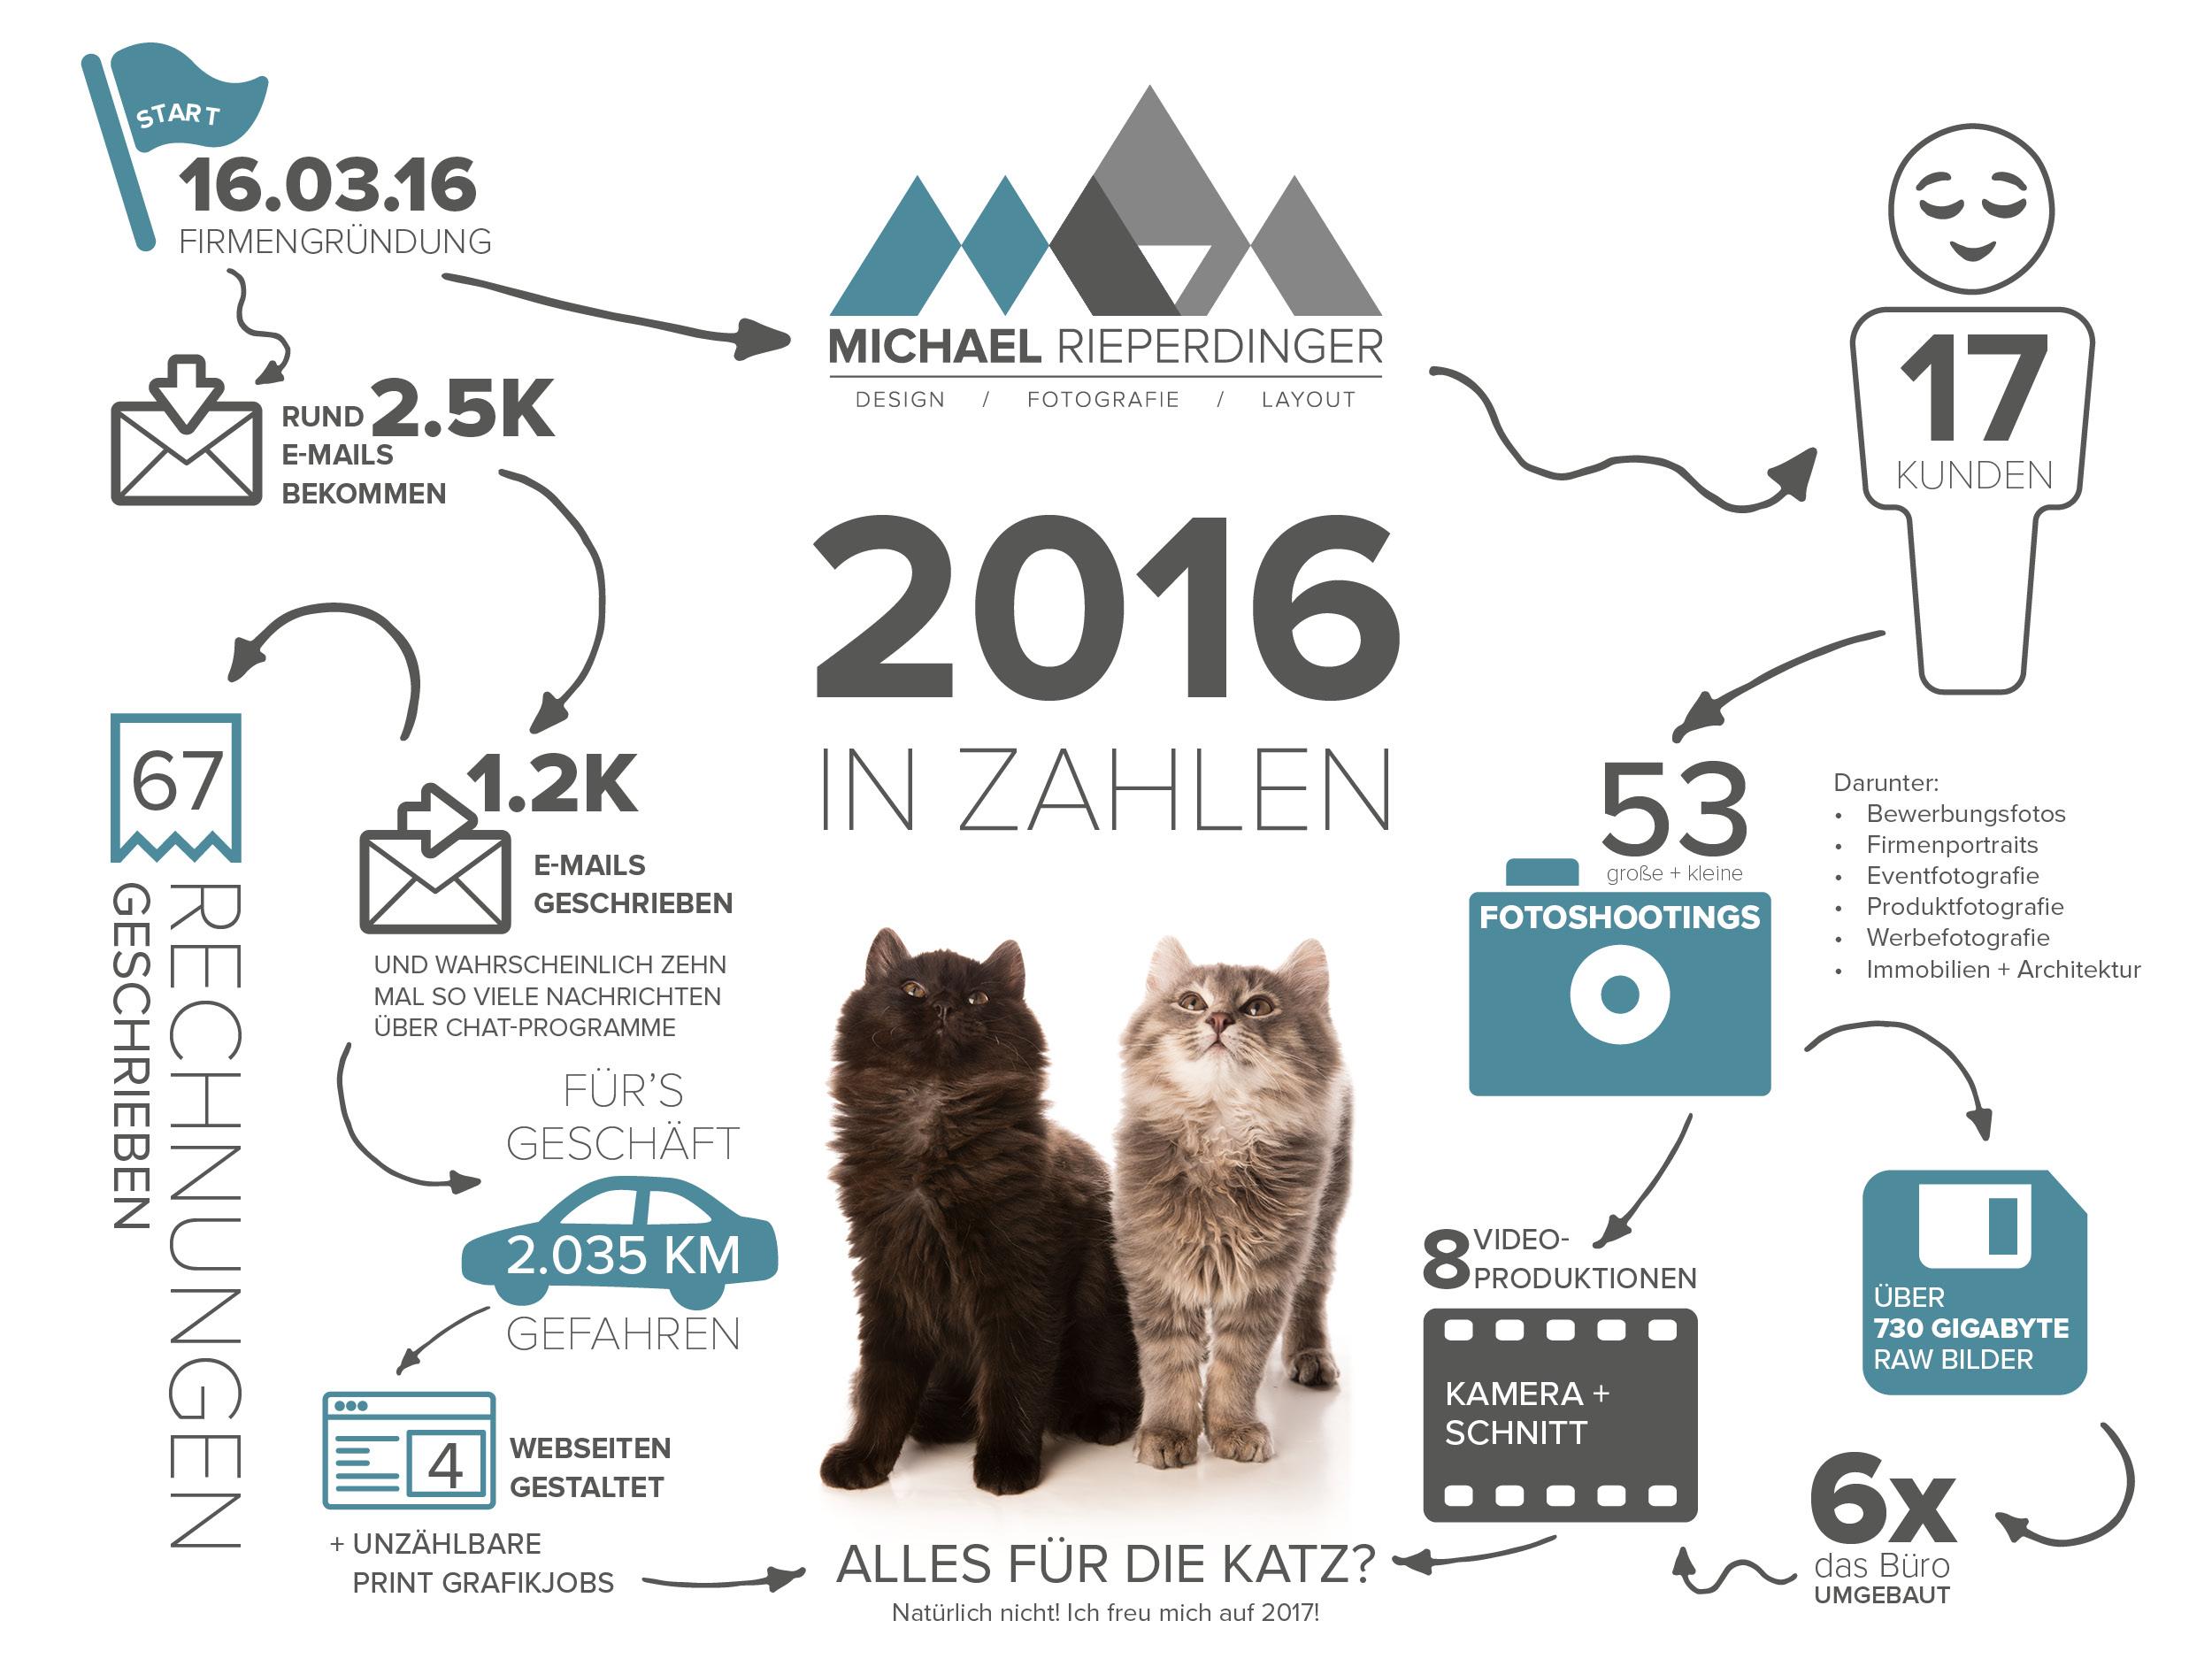 2016 in Zahlen